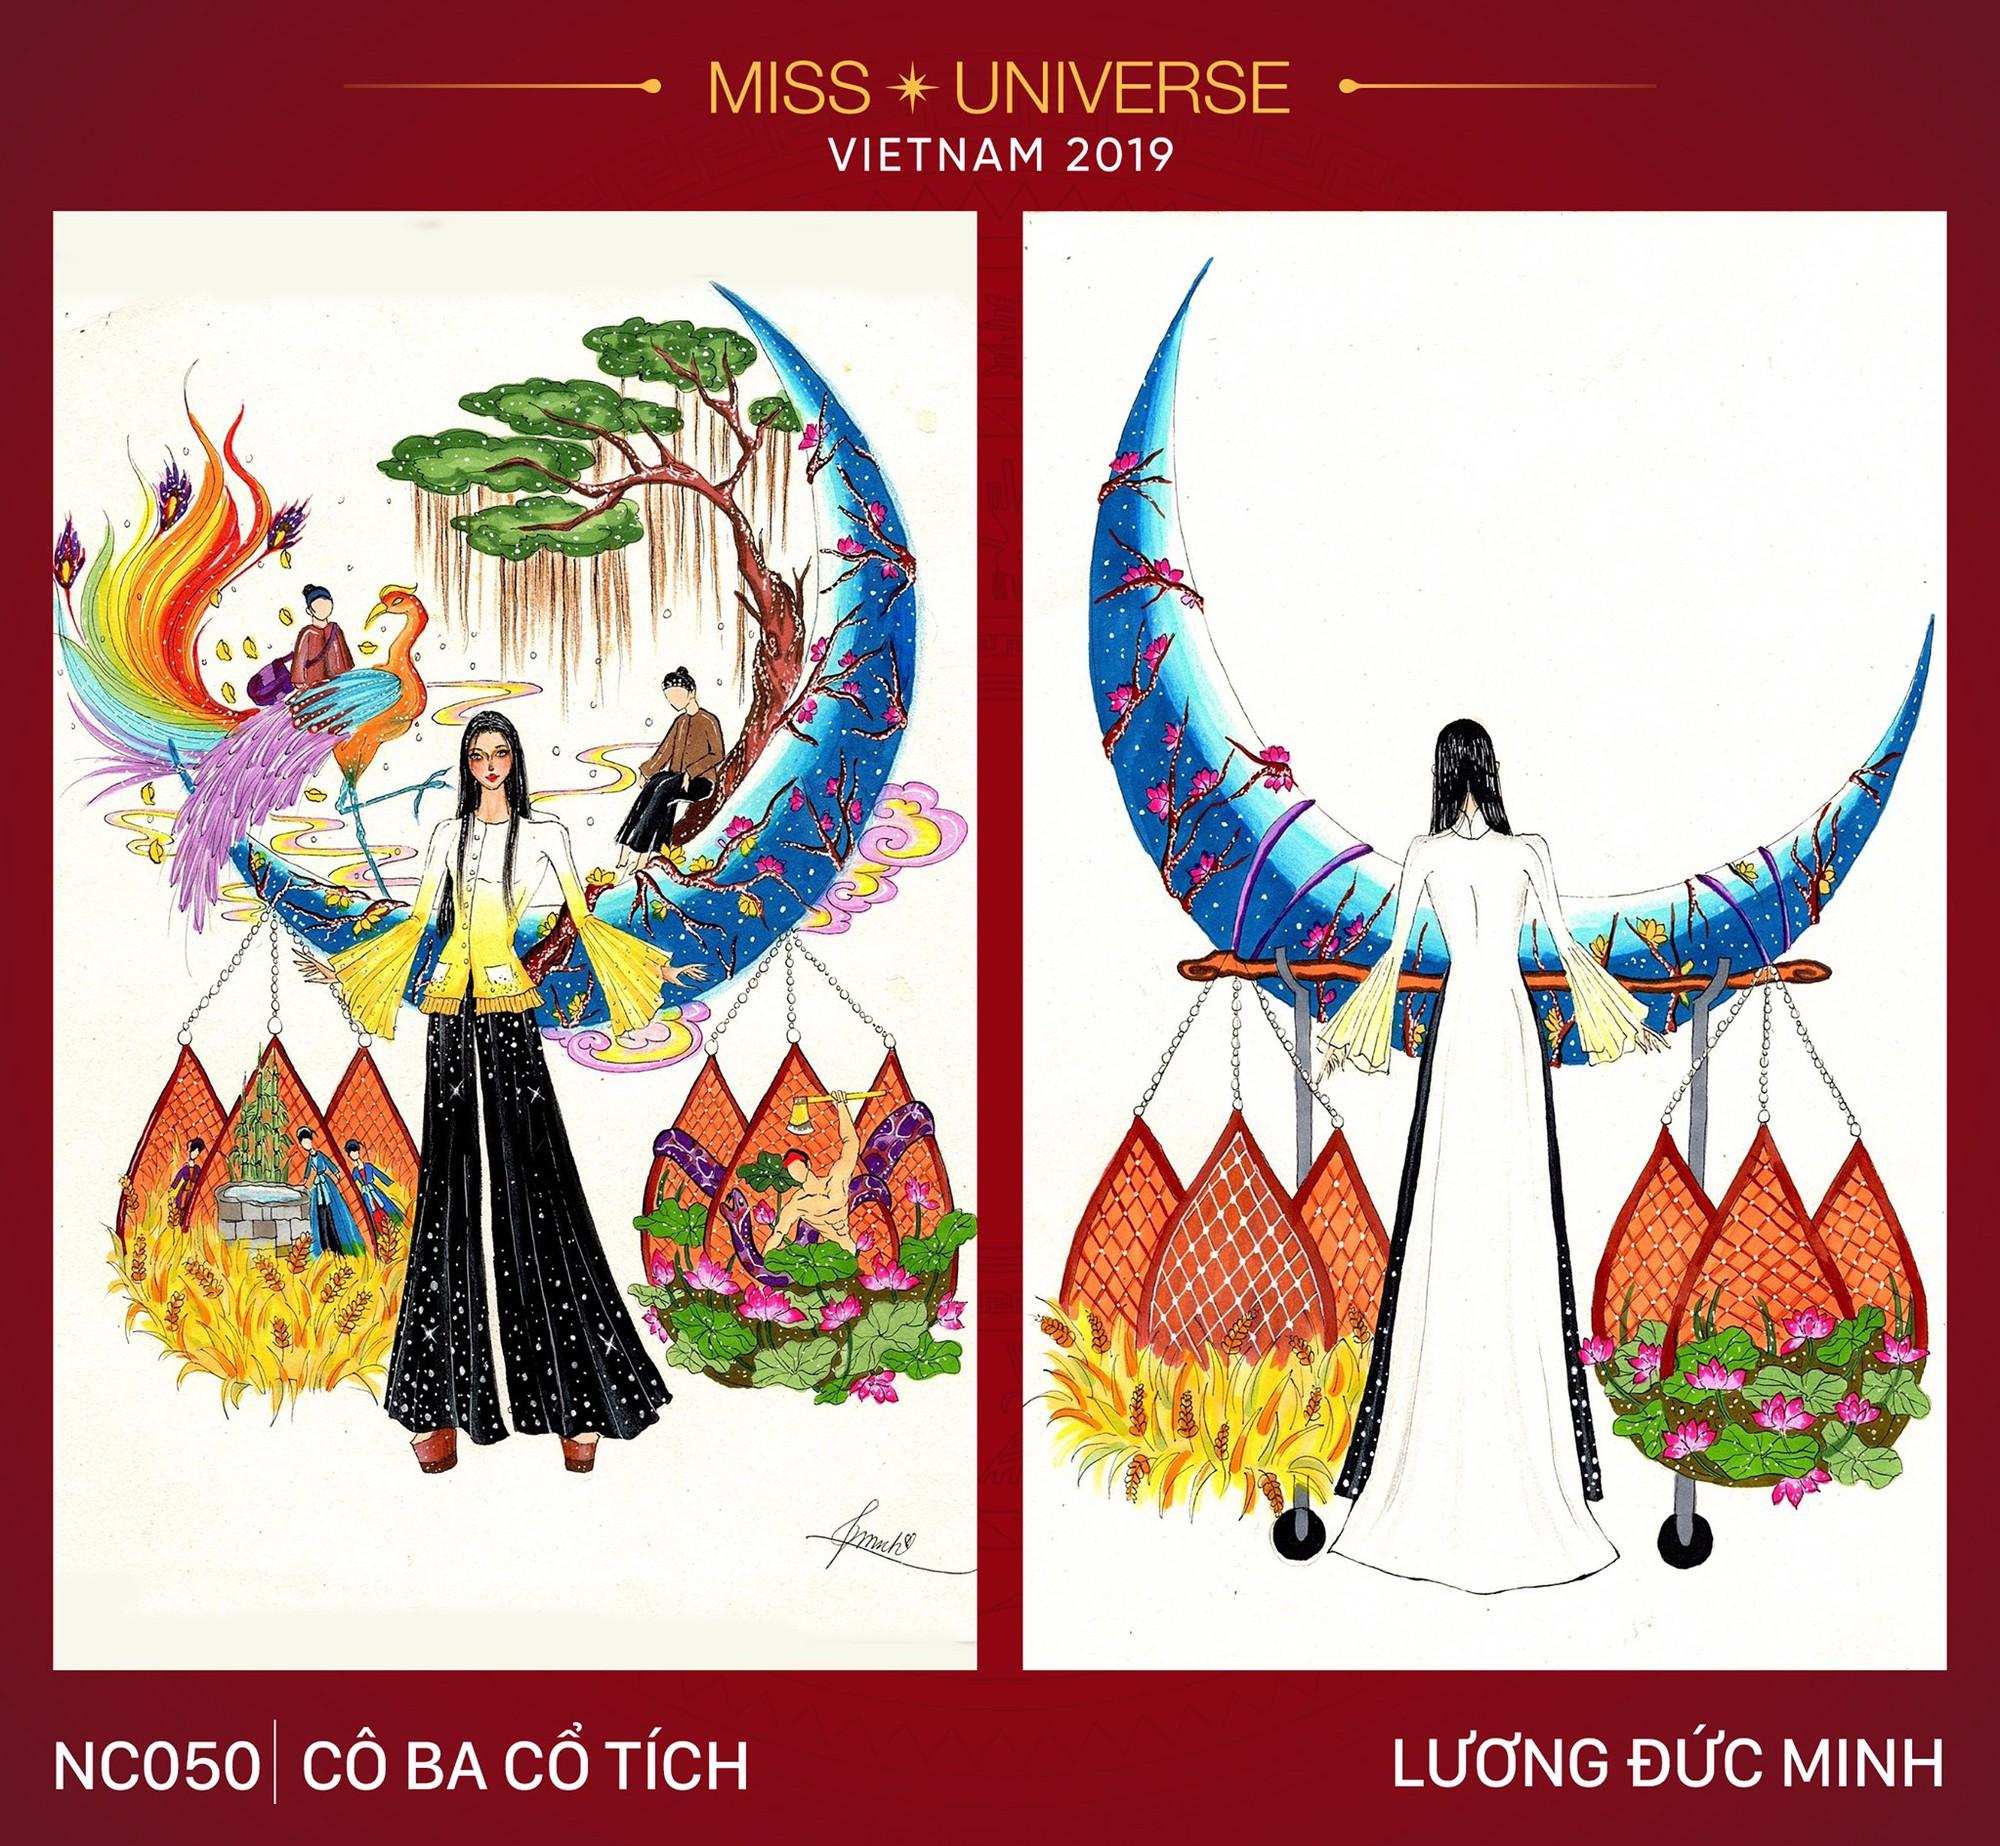 15 ý tưởng táo bạo dễ khiến Hoàng Thùy lọt Top tại Miss Universe 2019 - Ảnh 13.